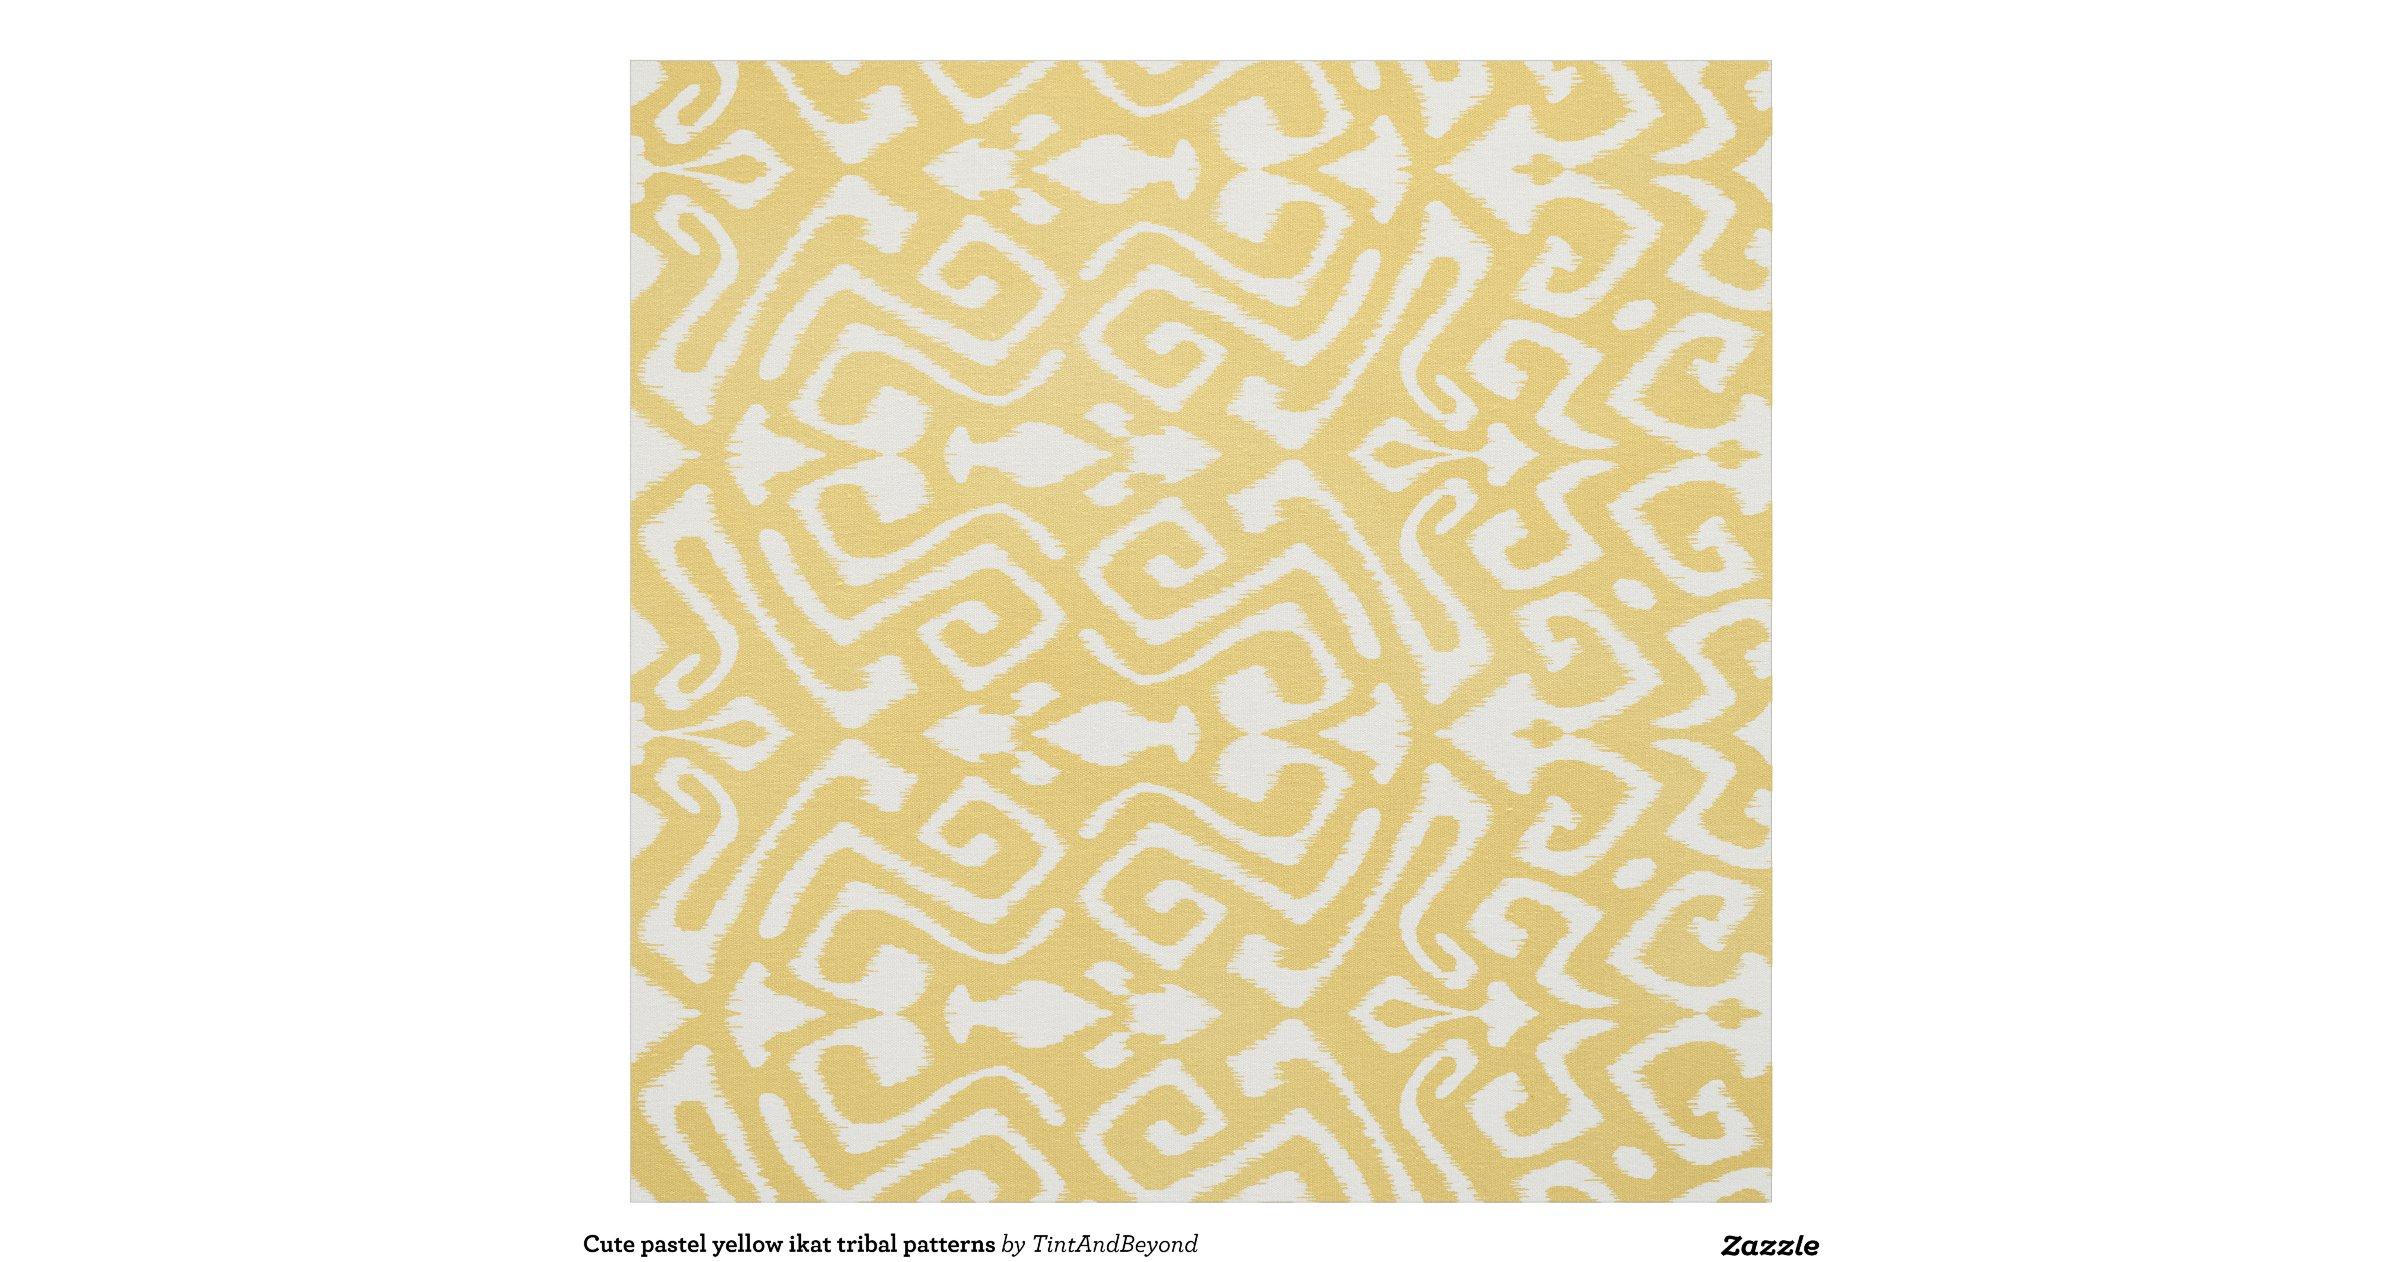 Cute Pastel Yellow Ikat Tribal Patterns Fabric Zazzle